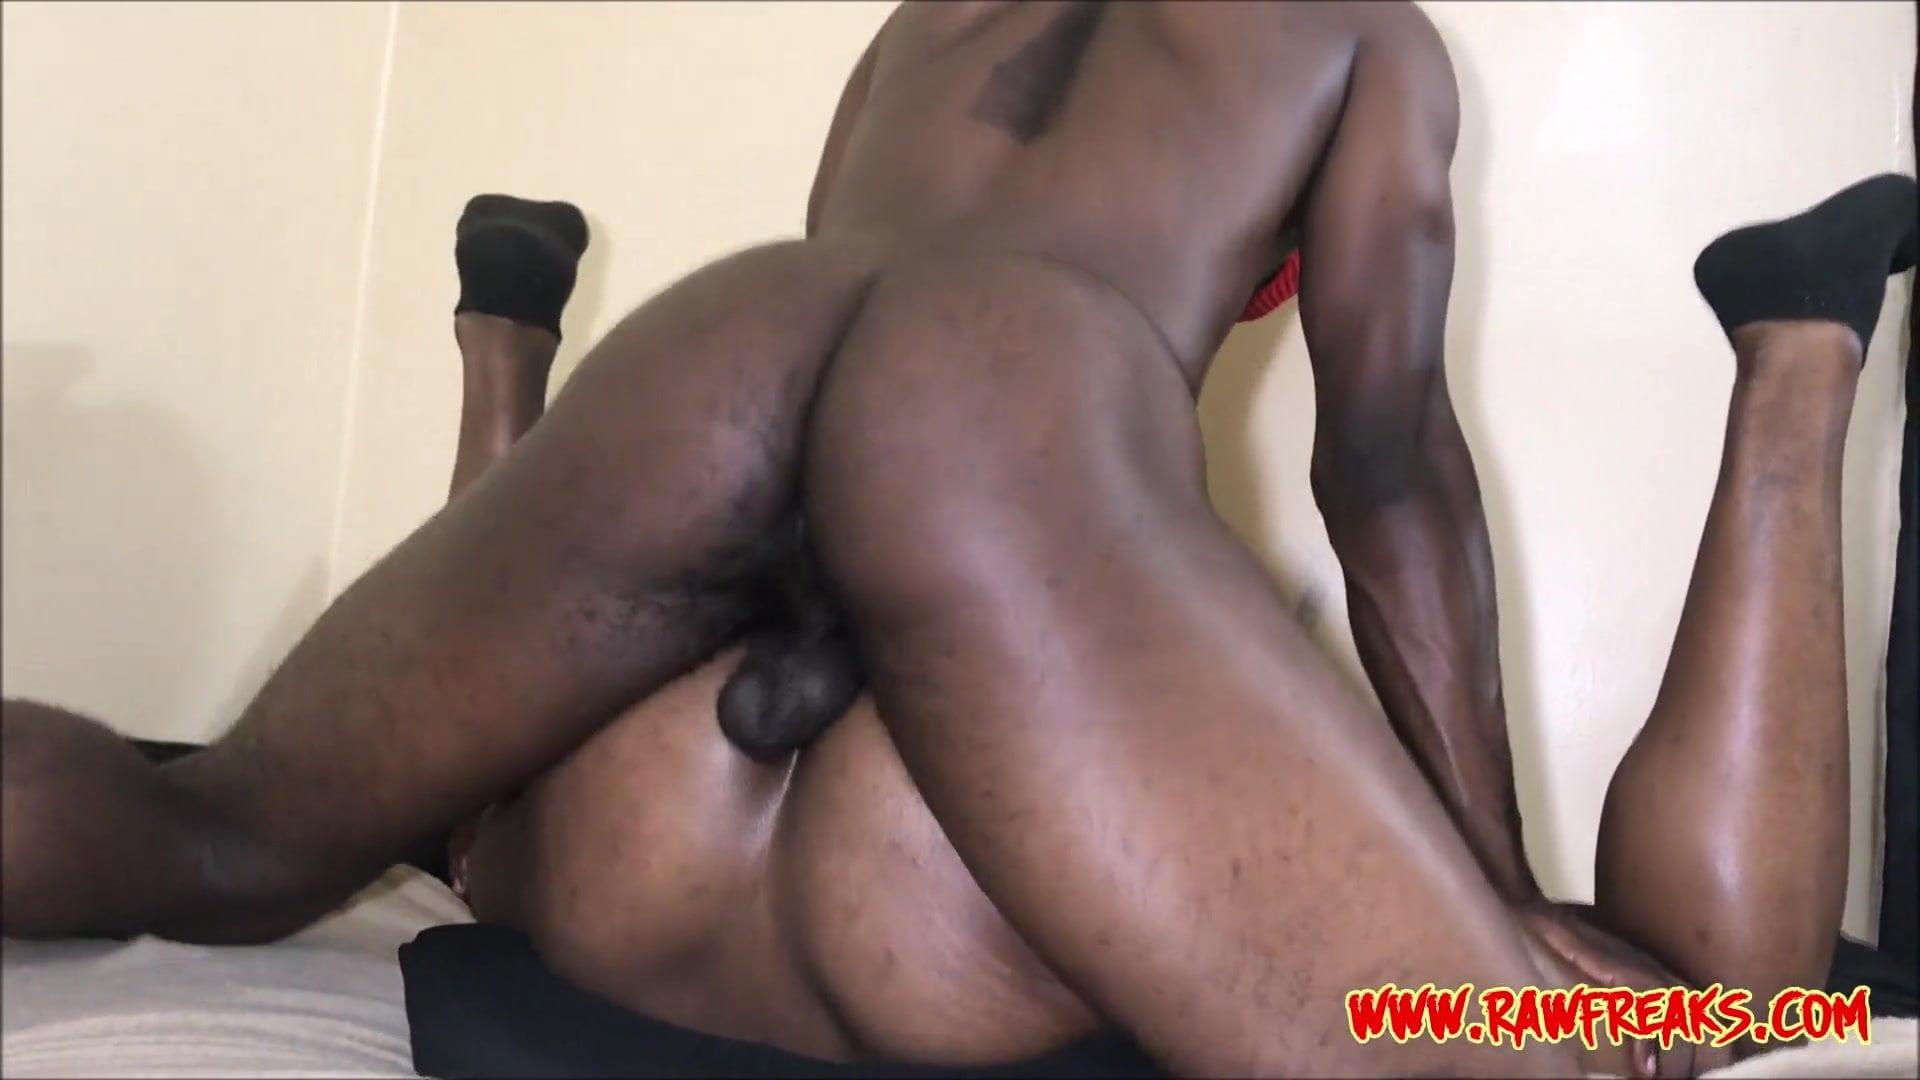 white boy cum inside black boy gay interracial love